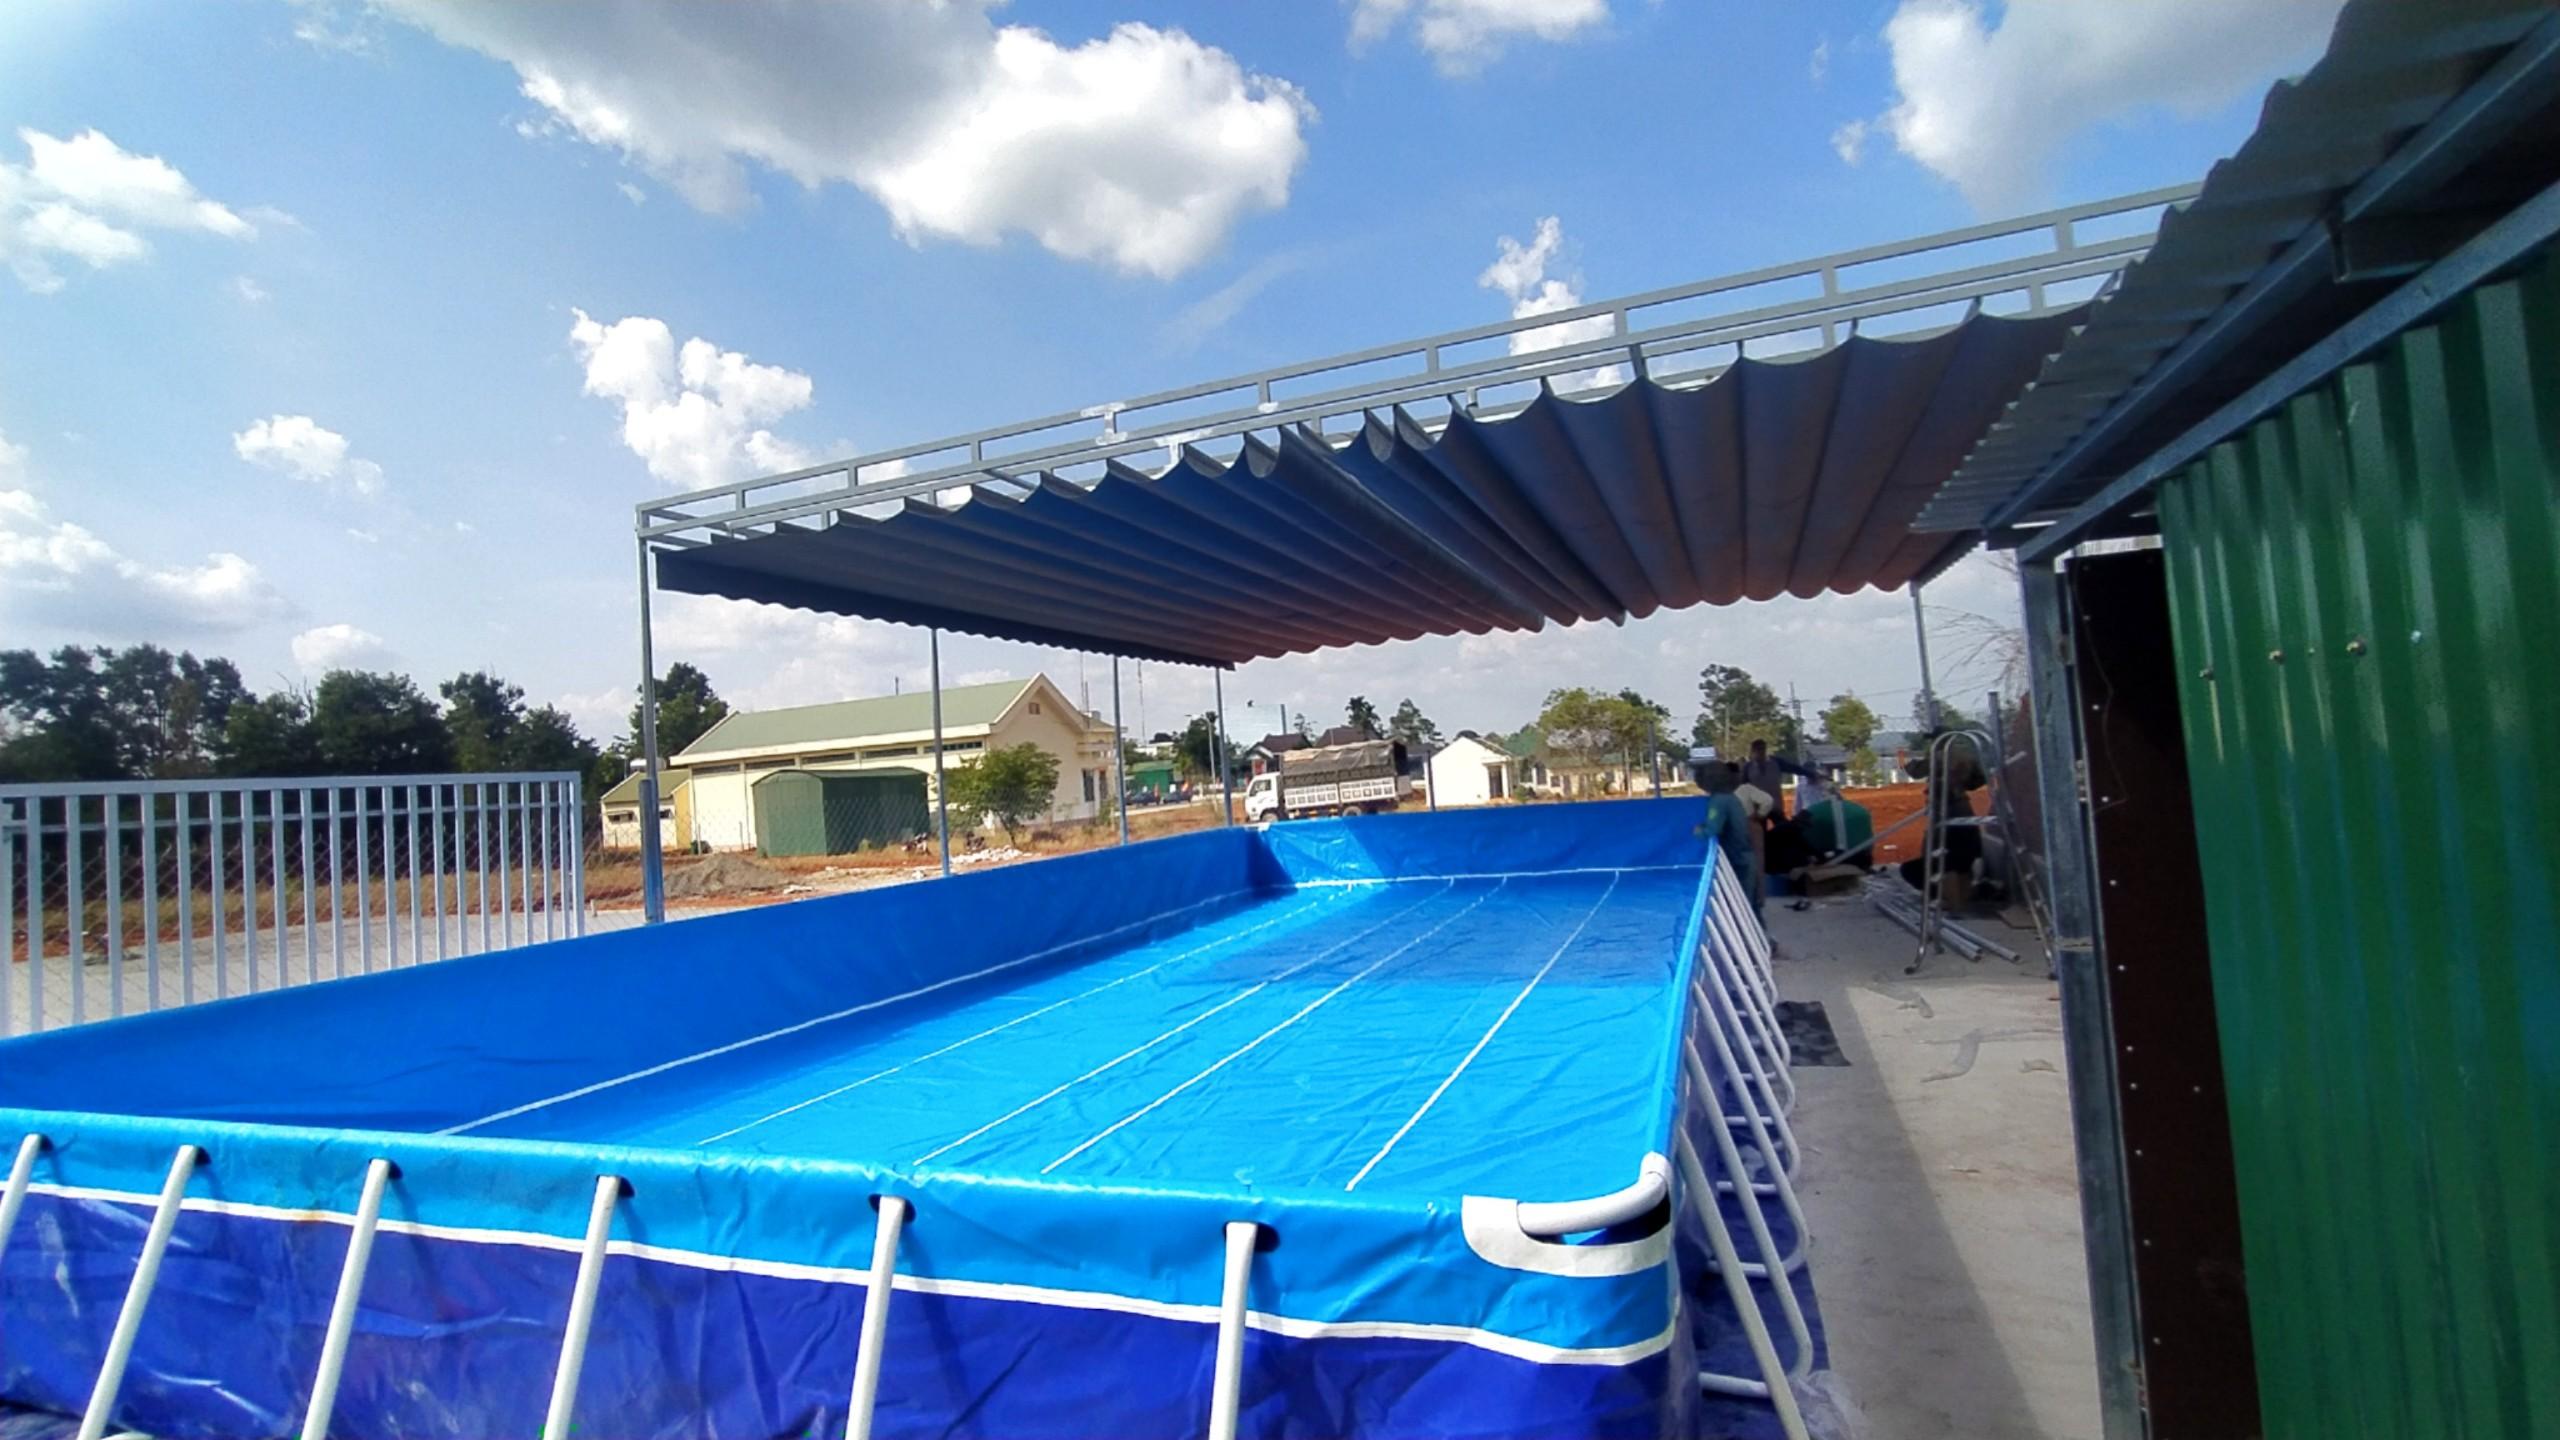 Bể bơi lắp ghép giá rẻ